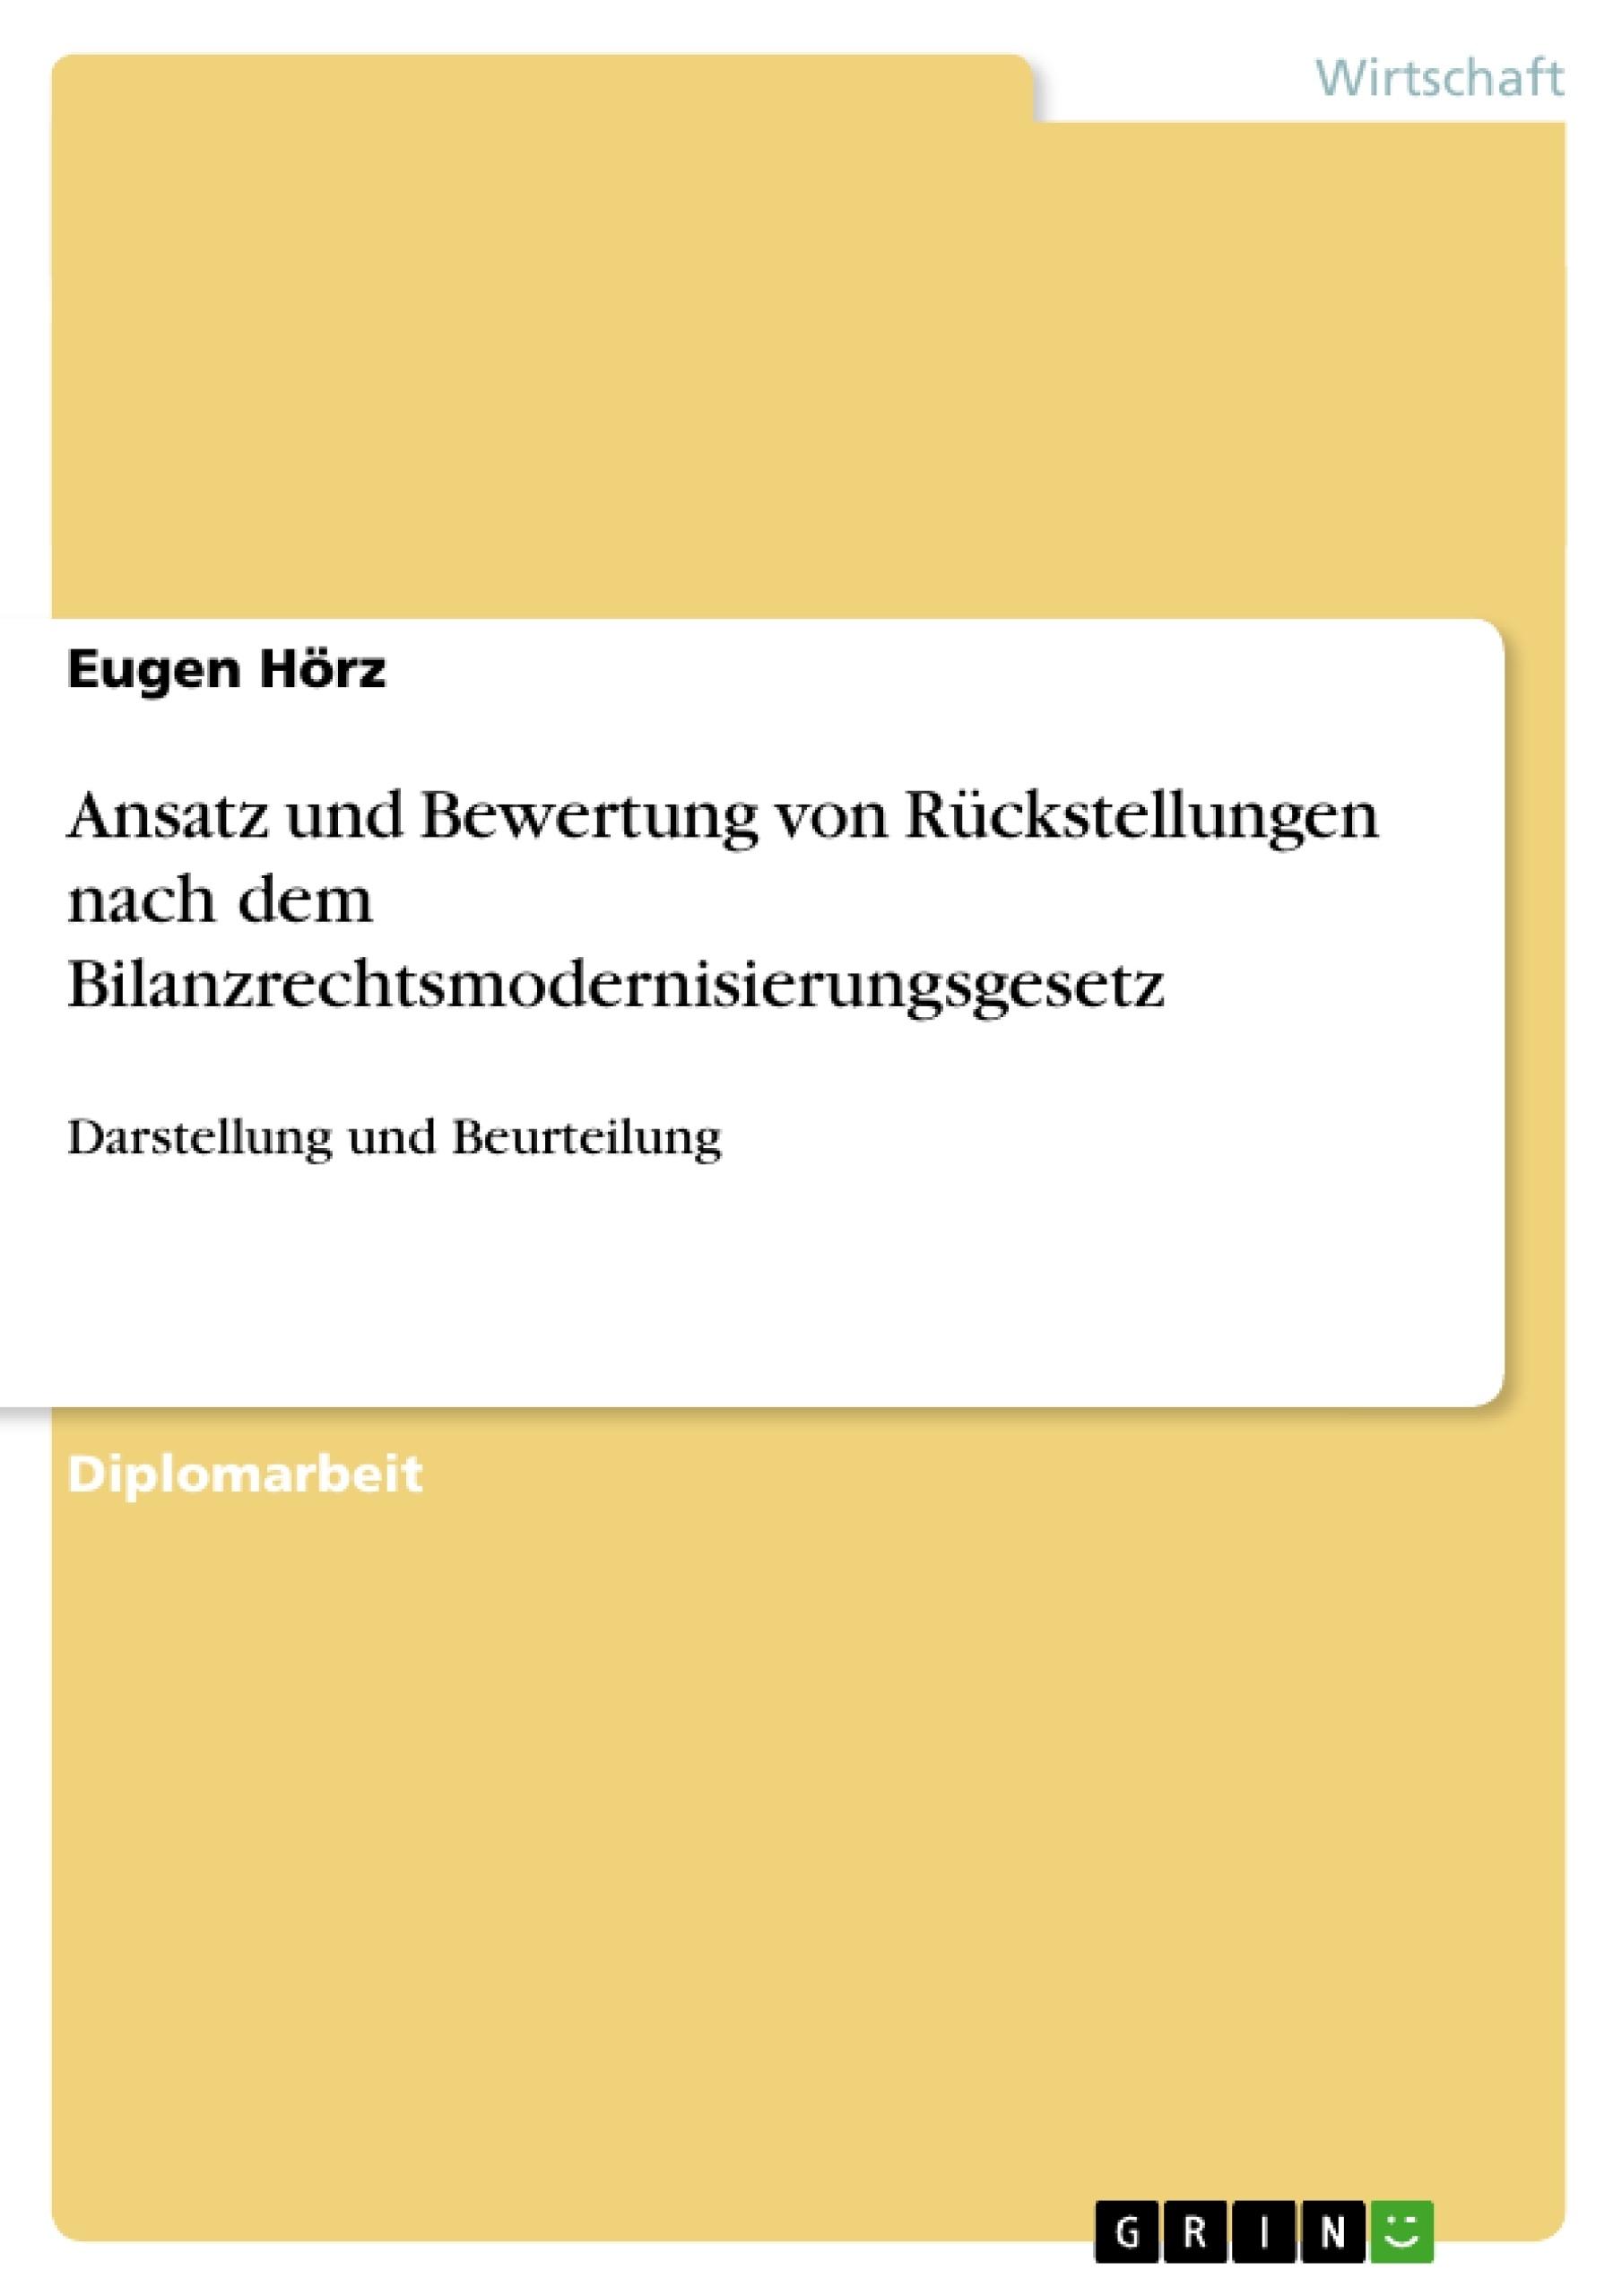 Titel: Ansatz und Bewertung von Rückstellungen nach dem Bilanzrechtsmodernisierungsgesetz